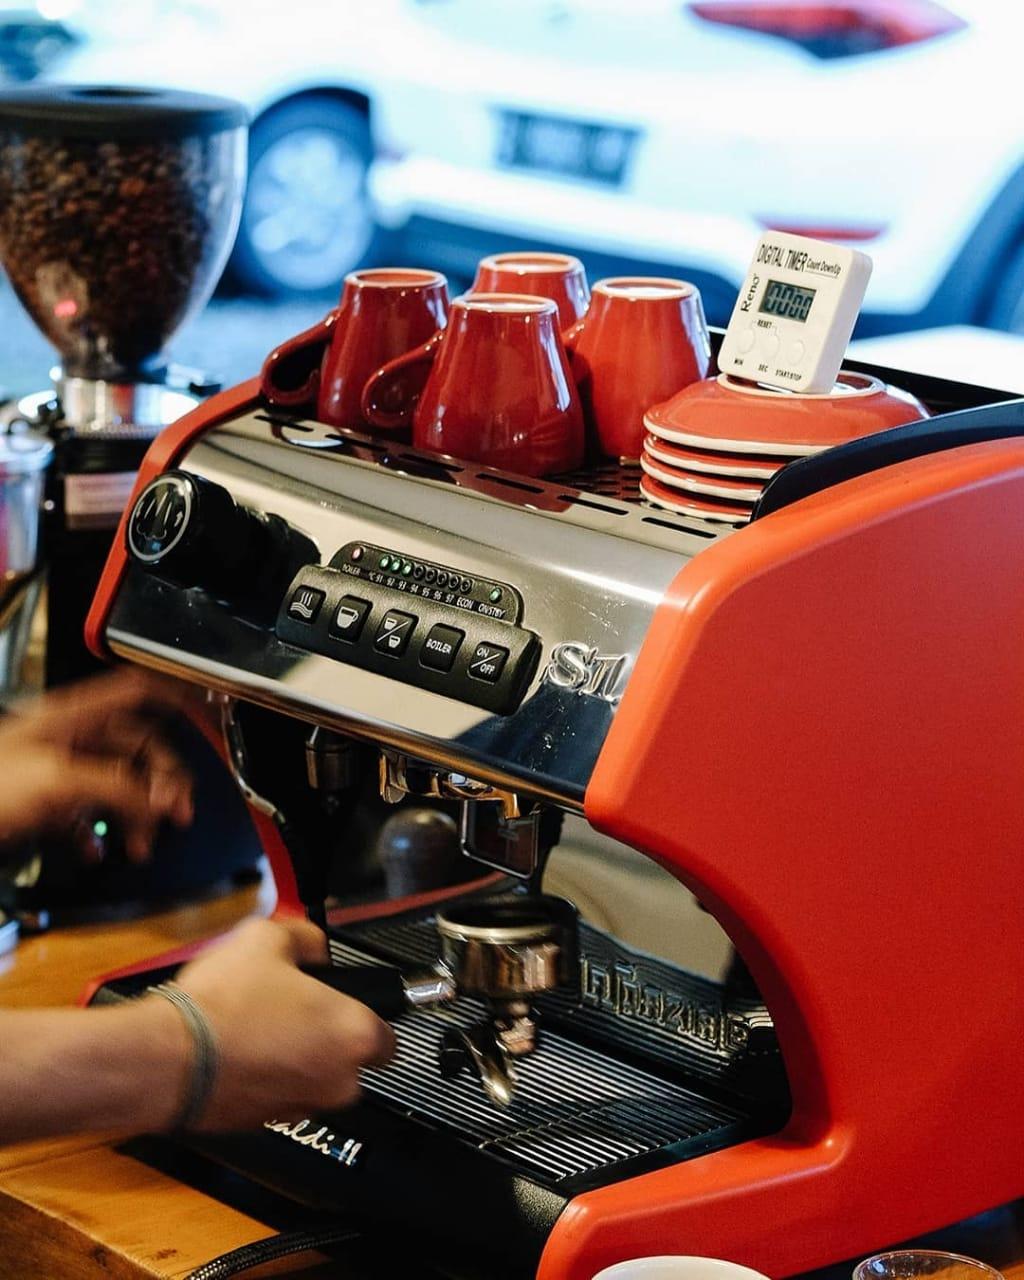 lazpaziale espresso machine Indonesia